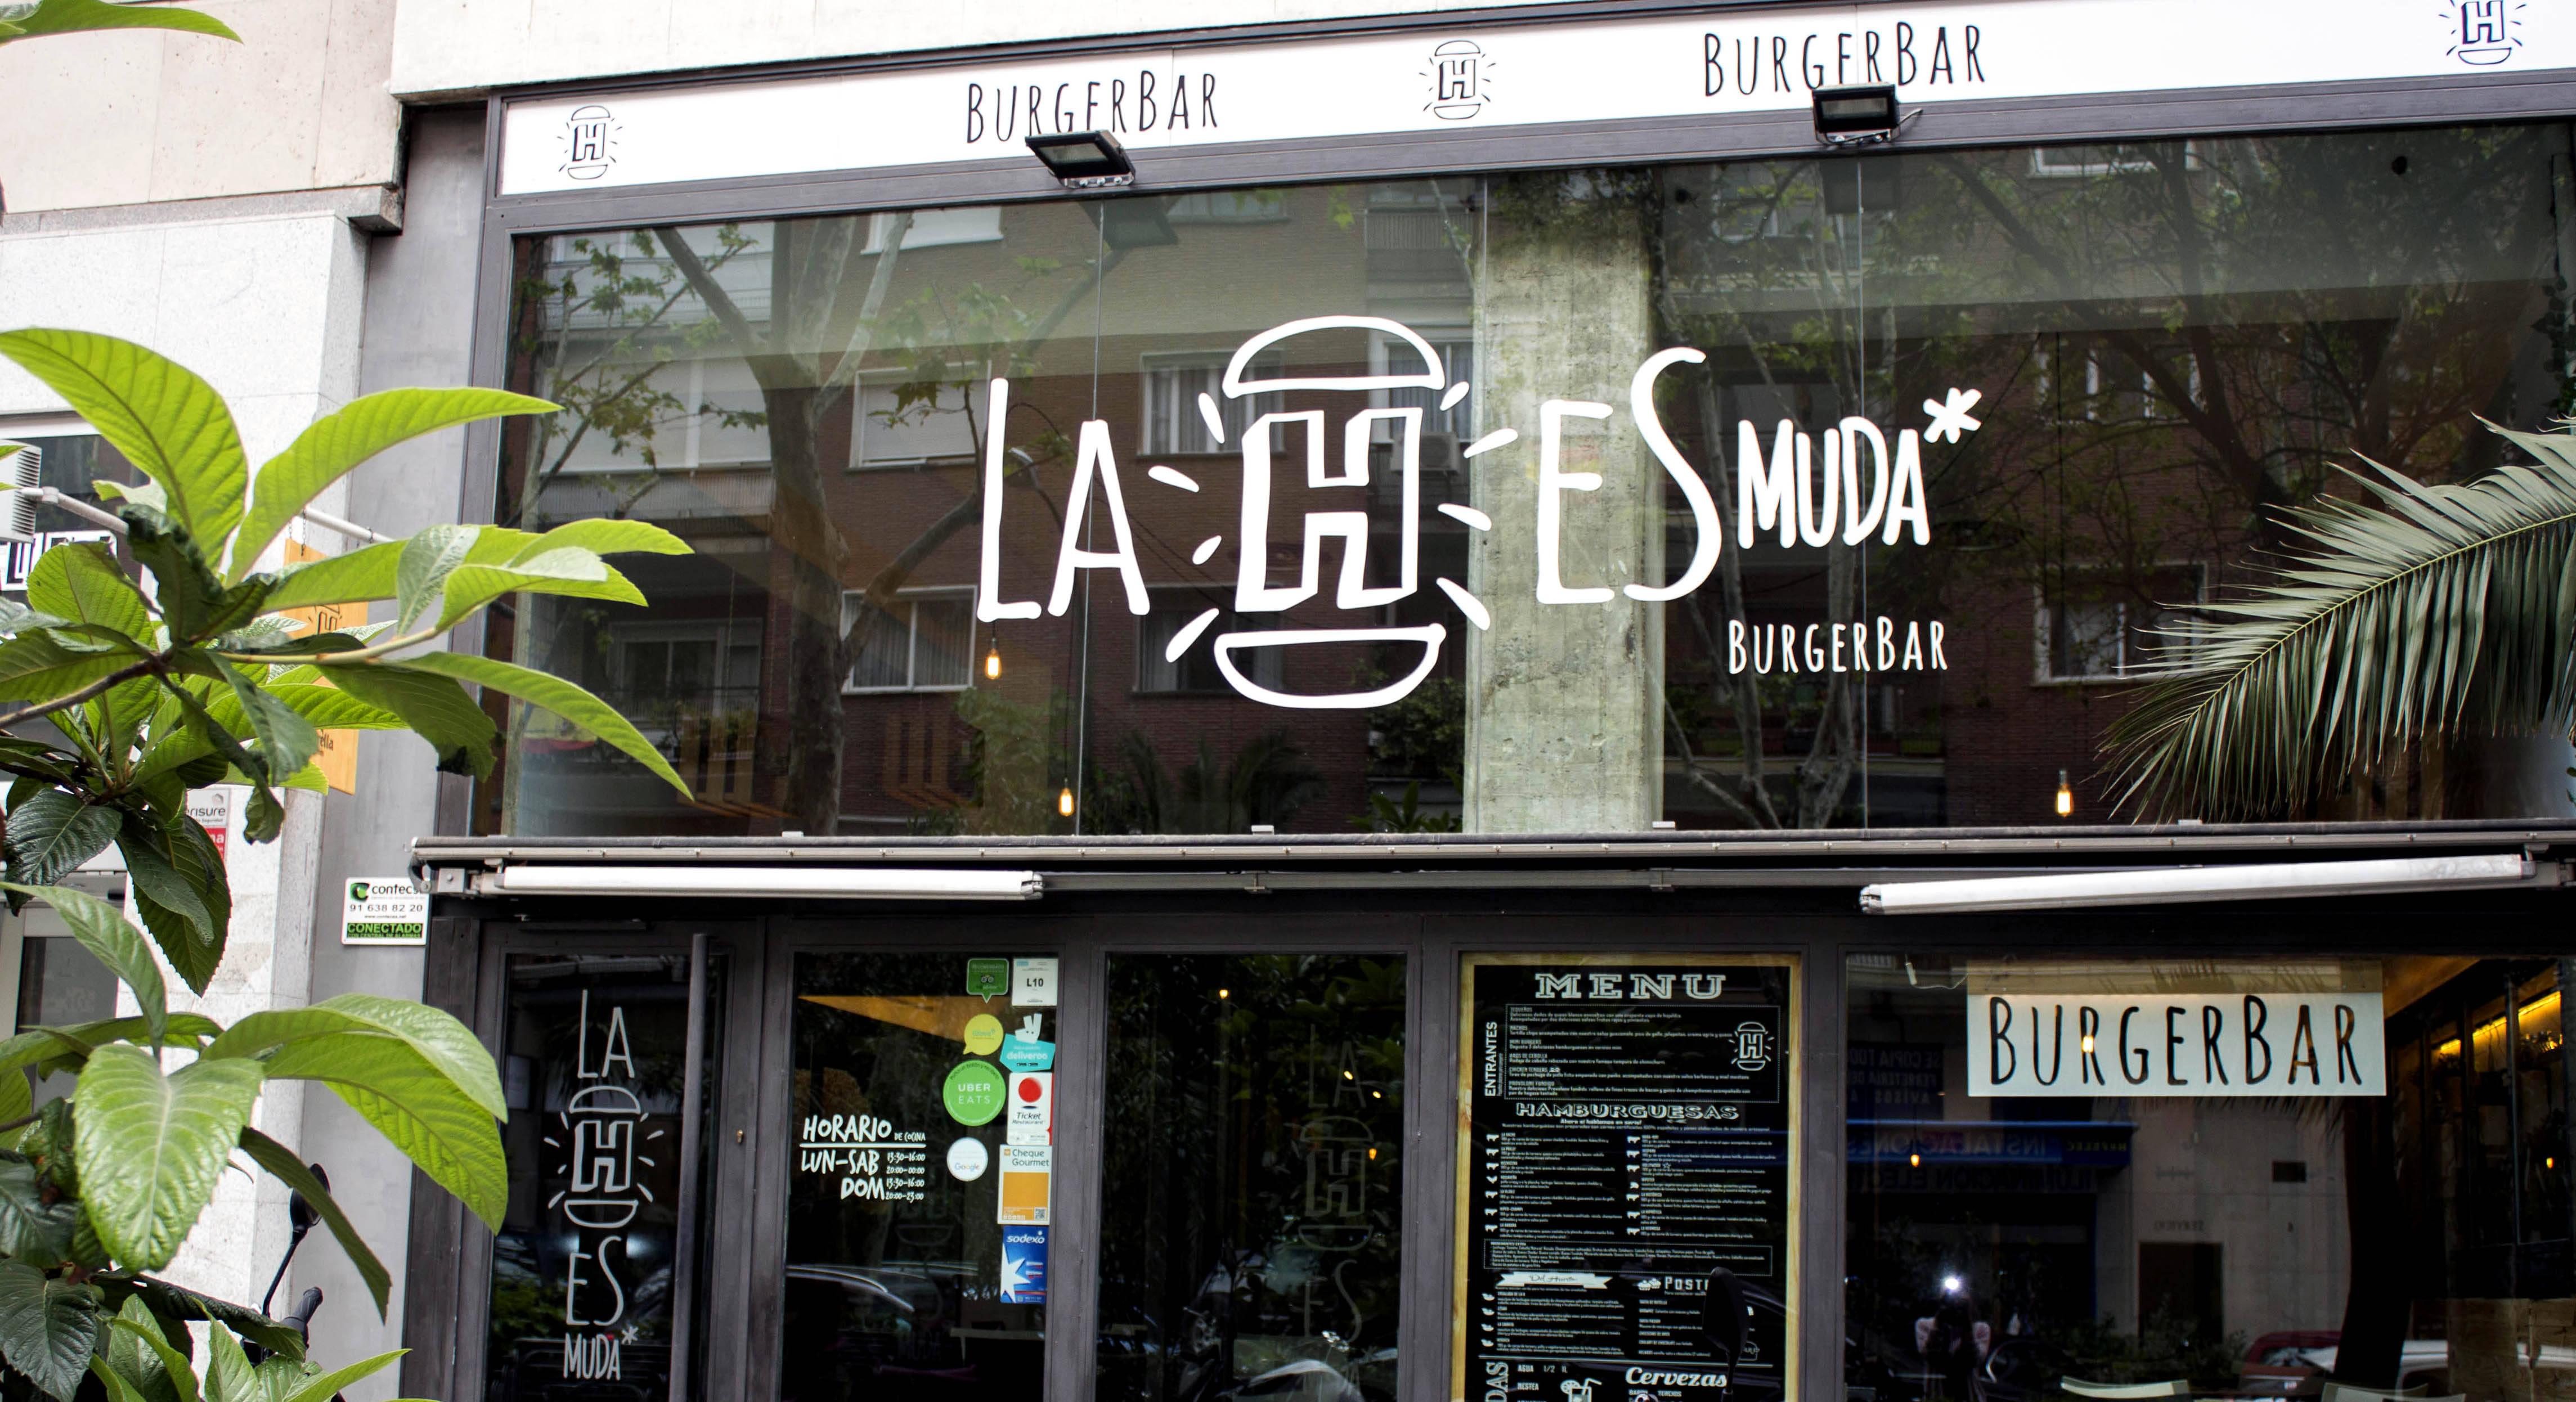 Los fundadores de 'La H es muda' estudian la apertura de un nuevo local en las afueras de Madrid u otra ciudad española.